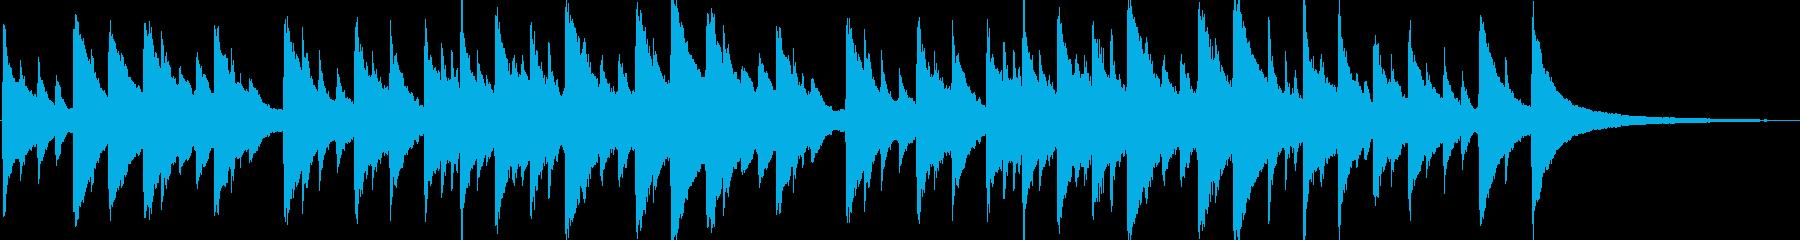 たなばたさま ピアノ伴奏の再生済みの波形